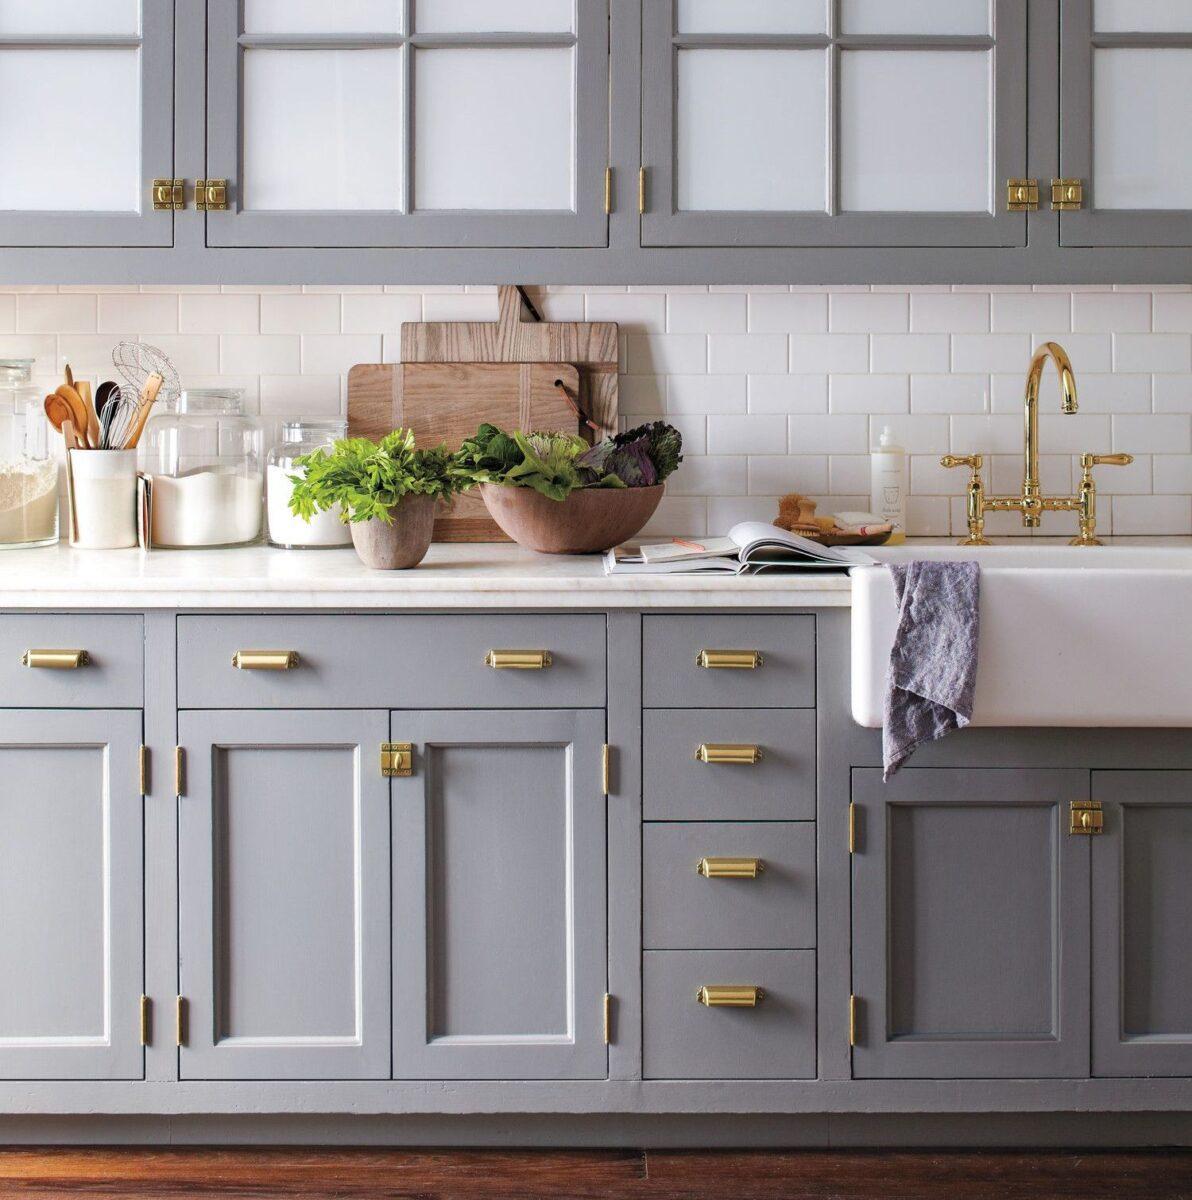 Фасады для кухни — 120 фото лучших вариантов дизайна. Рекомендации, как выбрать и сочетать цвет фасада в интерьере кухни